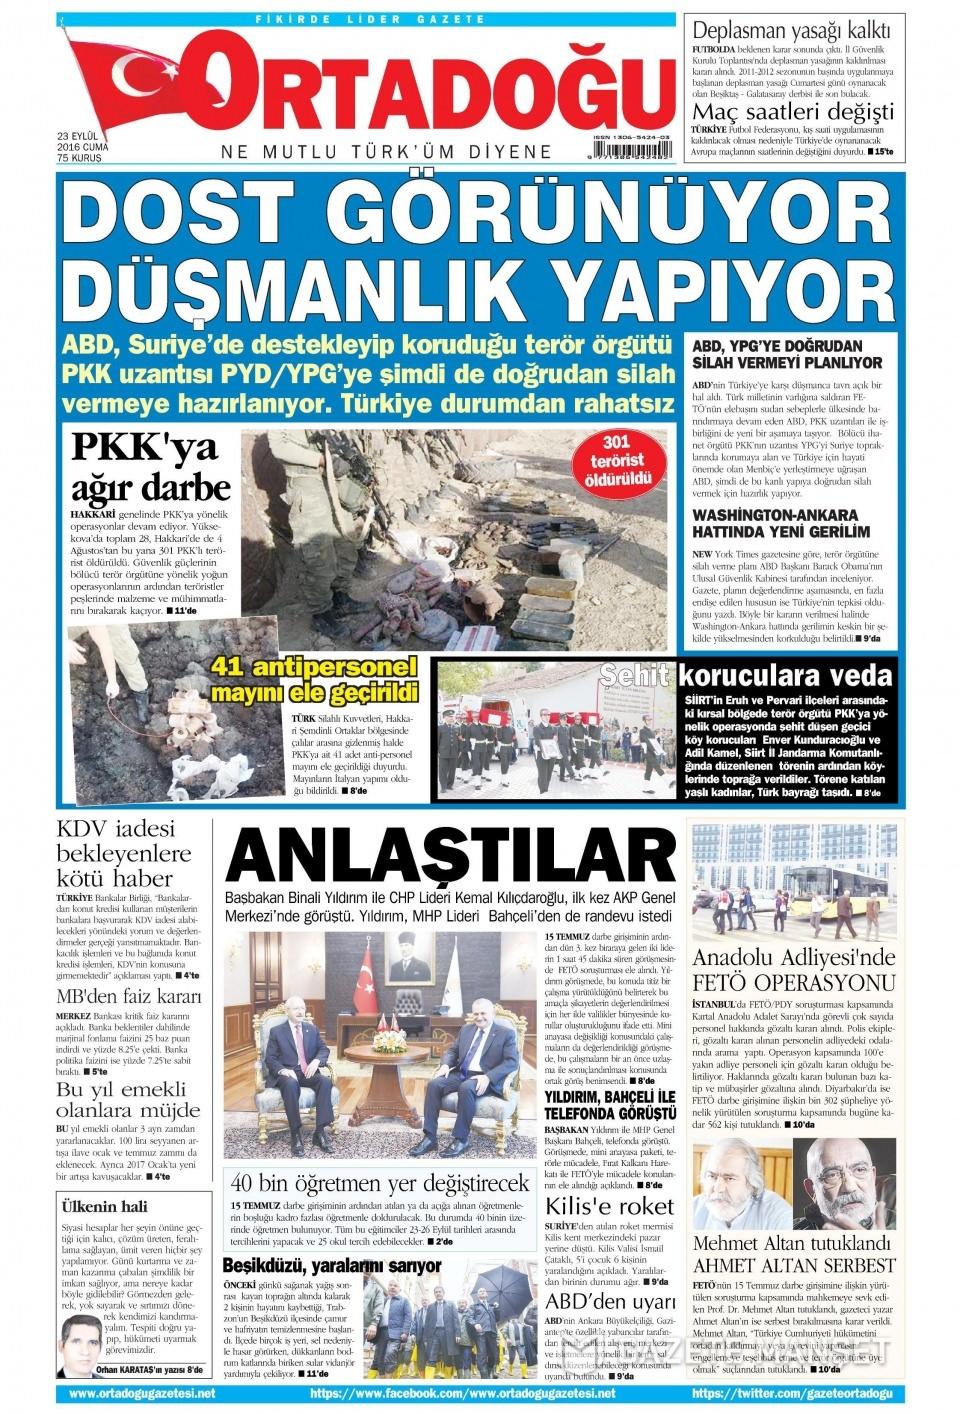 23 Eylül Cuma gazete manşetleri 9